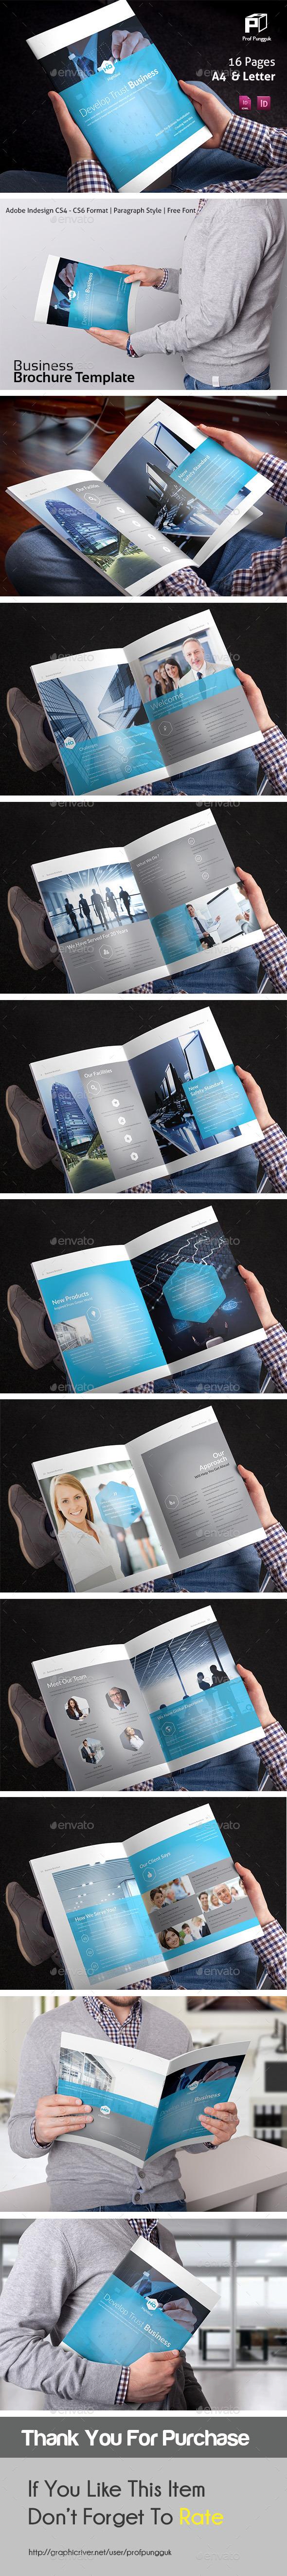 Corporate Brochure Vol. 5 - Corporate Brochures